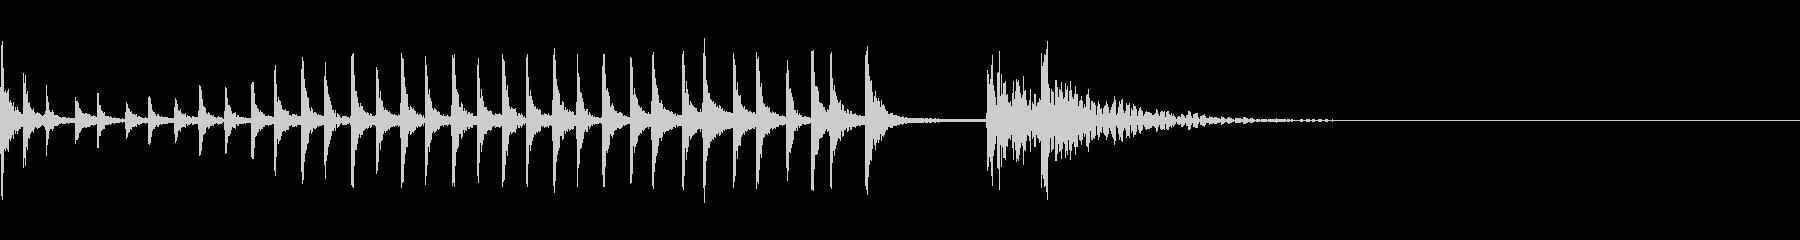 和太鼓のロール音の未再生の波形